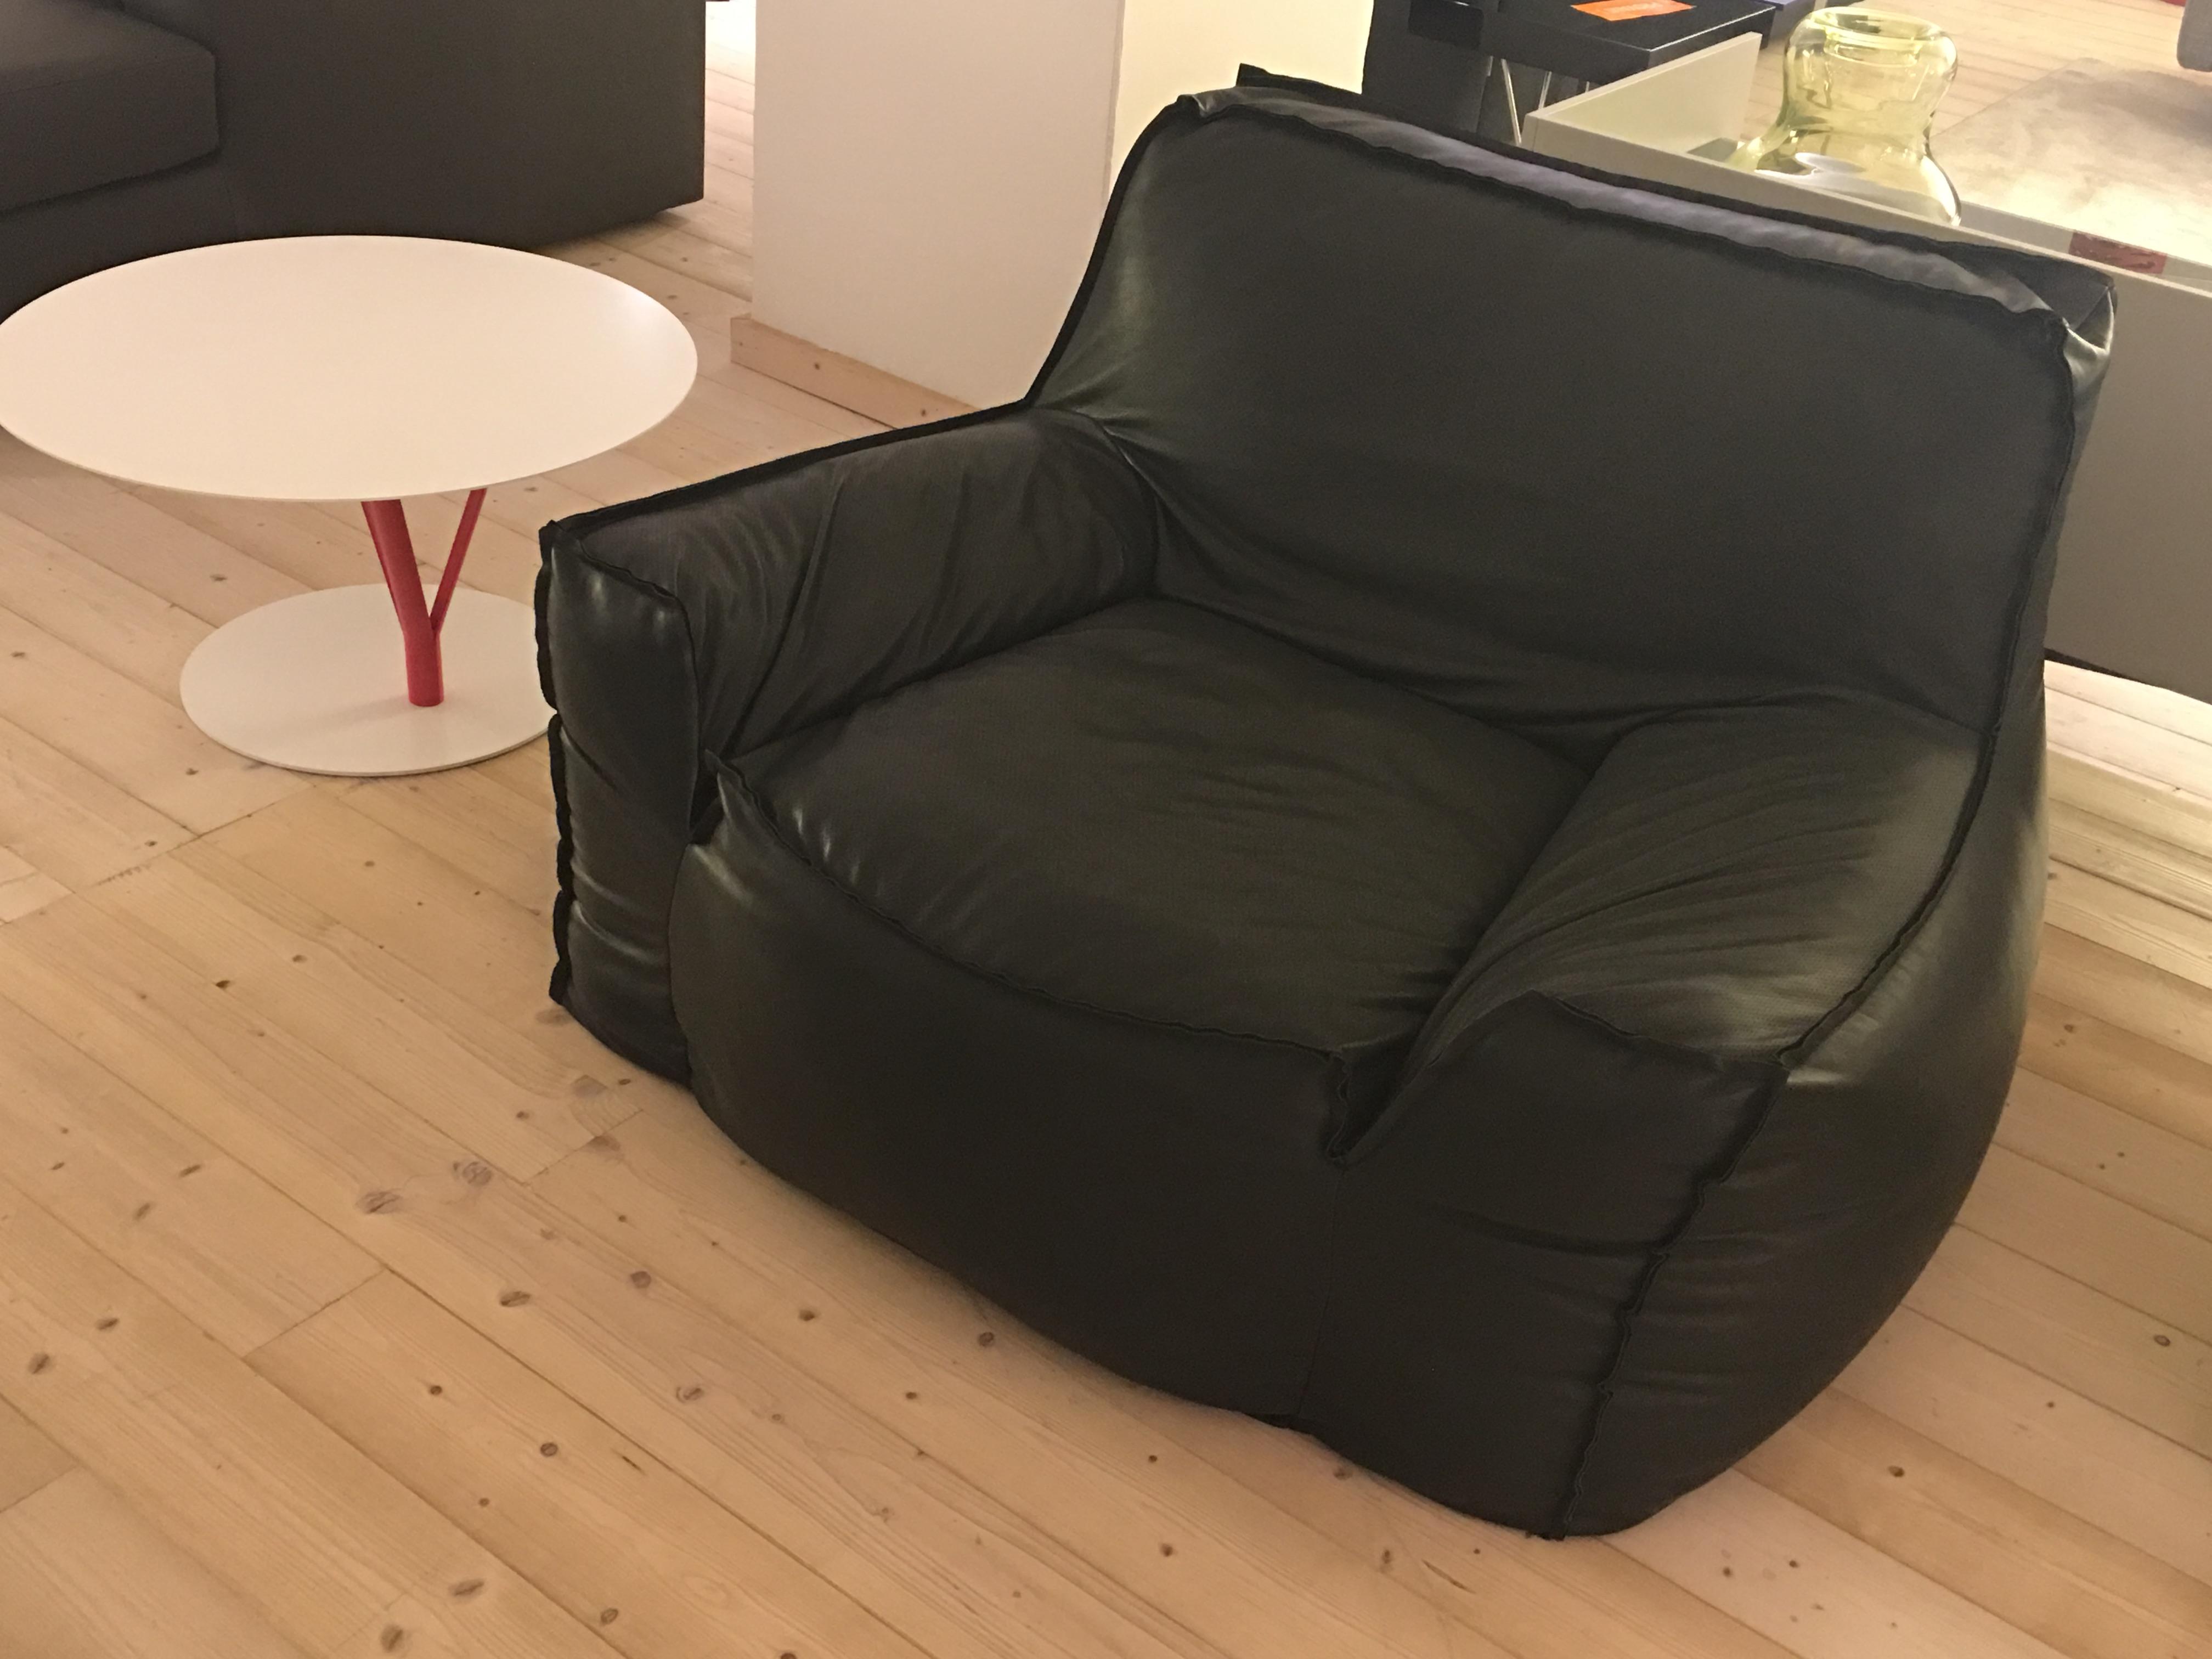 Jelli a 950 00 outlet divani bensa arredamenti for Cn arredamenti